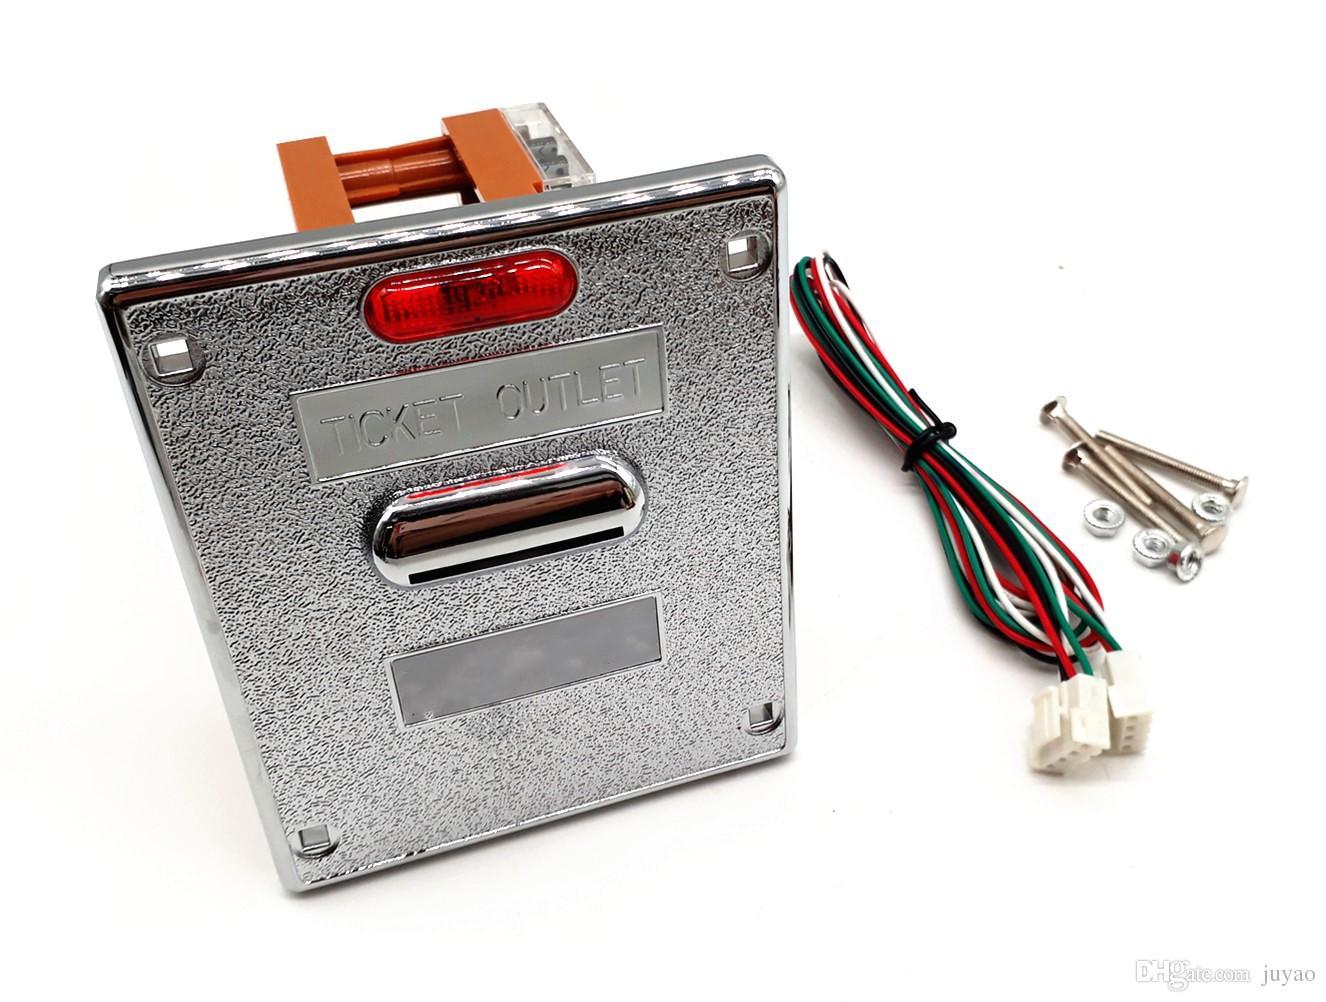 Remitente del dispensador de boletos de alta calidad para máquinas expendedoras de máquinas expendedoras de juegos de máquinas recreativas